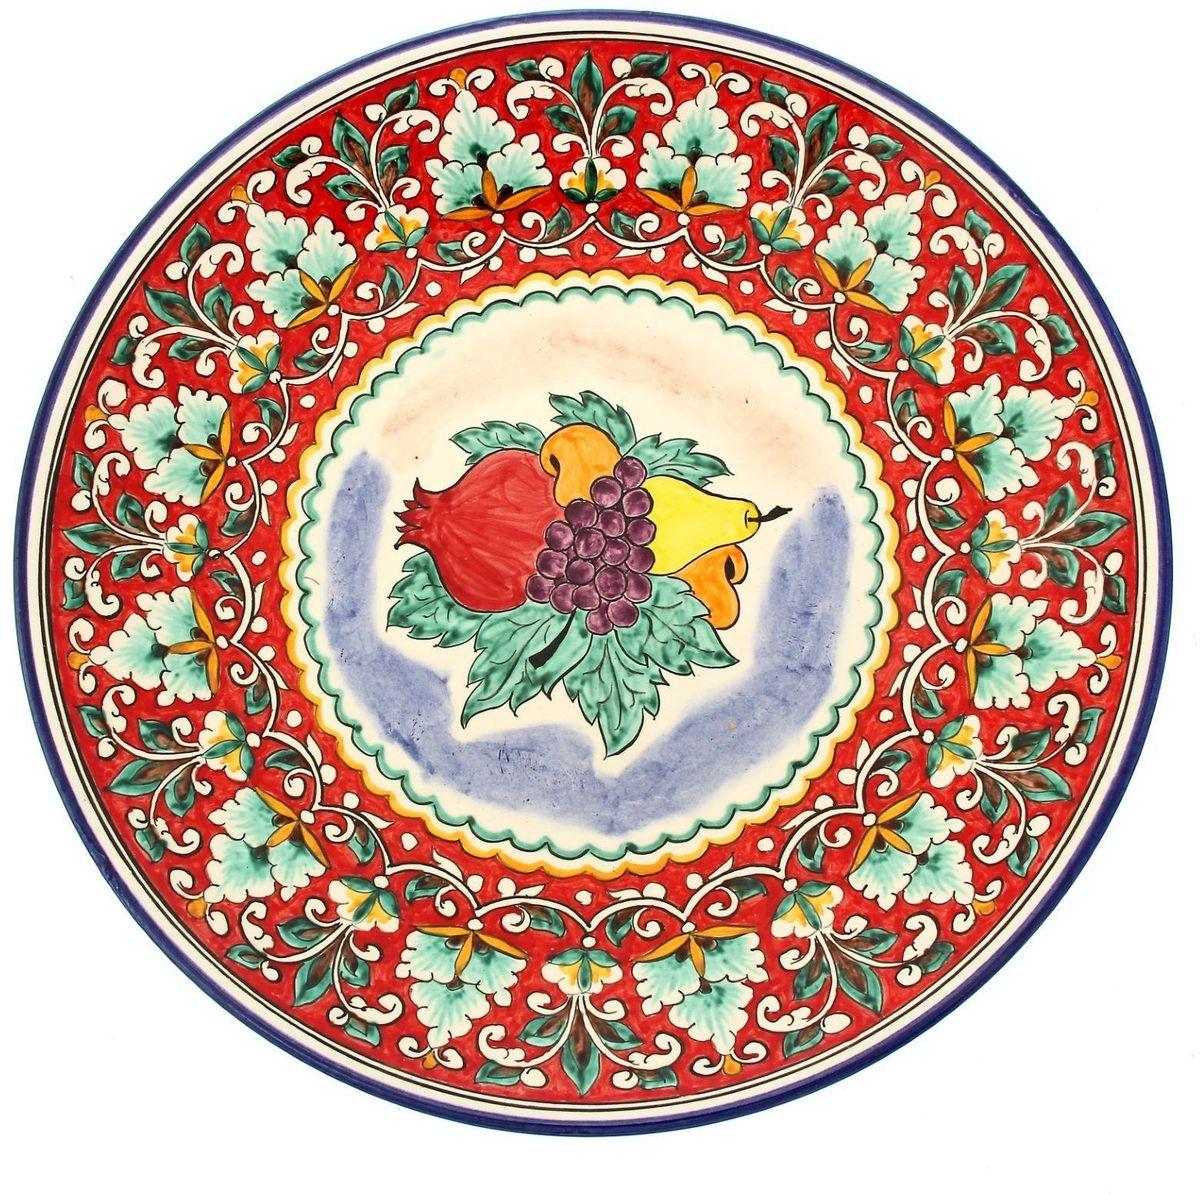 Ляган Риштанская керамика Фрукты, диаметр 41 см1924245Ляган Риштанская керамика - это не просто обеденный атрибут, это украшение стола. Посуда с национальной росписью станет отменным подарком для ценителей высокородной посуды.Риштан - город на востоке Узбекистана, один из древнейших в Ферганской долине. С давних времен Риштан славится своим гончарным искусством изготовления цветной керамики. Красноватую глину для изделия добывают в самом городе. Мастера утверждают, что их глина настолько высокого качества, что даже не нуждается в предварительной обработке. Дополните коллекцию кухонных аксессуаров пряными восточными нотами!